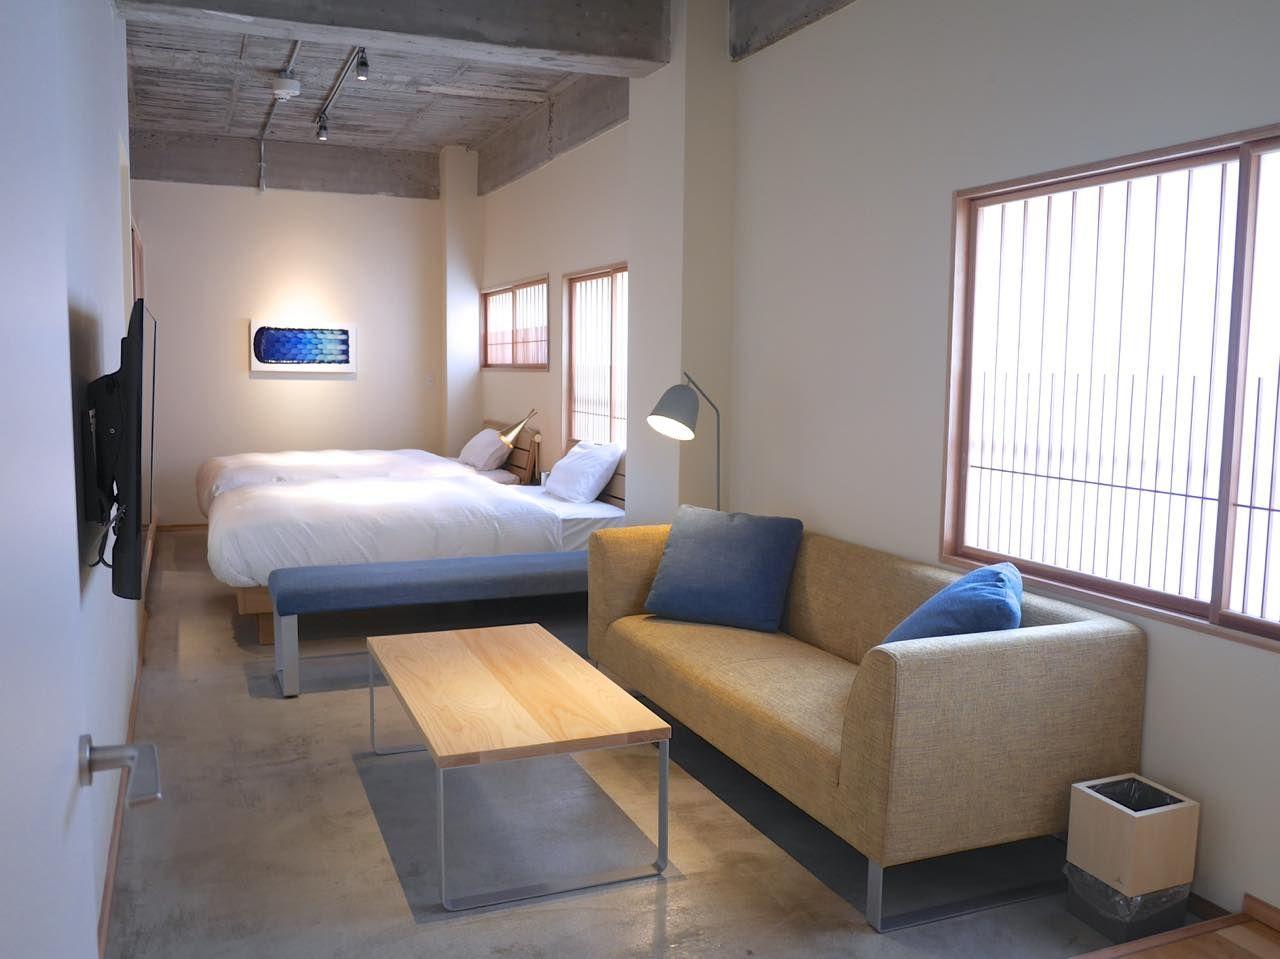 福岡・博多に1日2組限定のモダンステイ!「宿屋ひととき」オープン